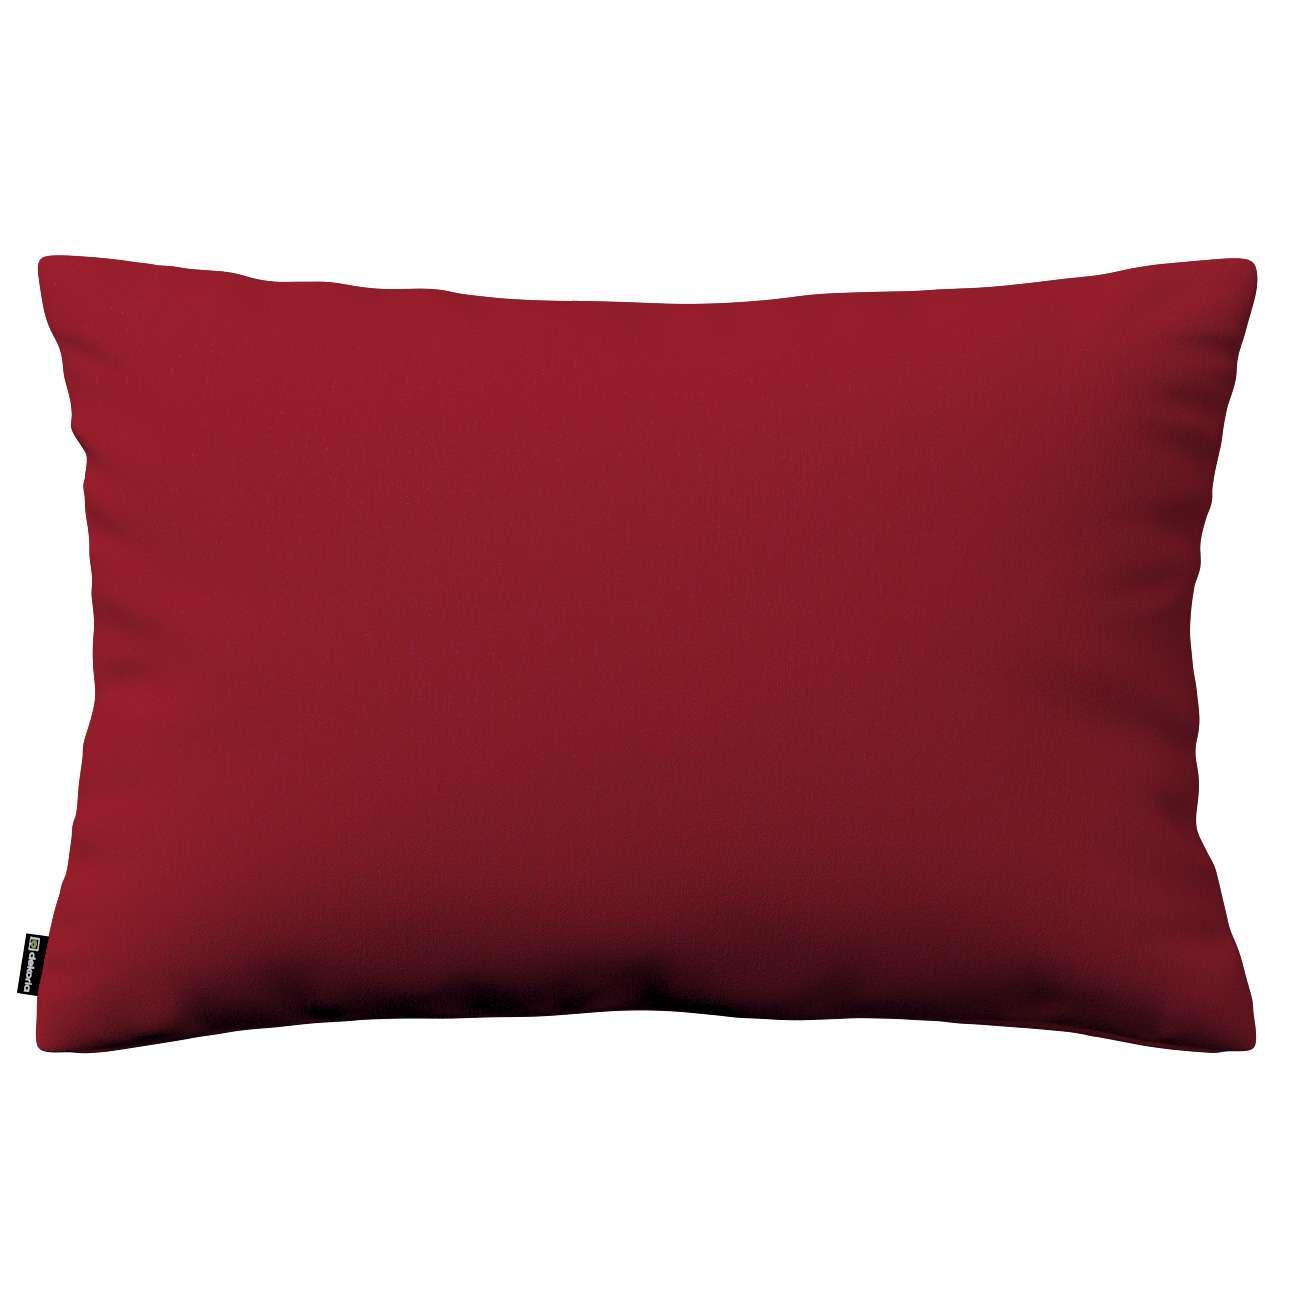 Poszewka Kinga na poduszkę prostokątną 60 x 40 cm w kolekcji Chenille, tkanina: 702-24